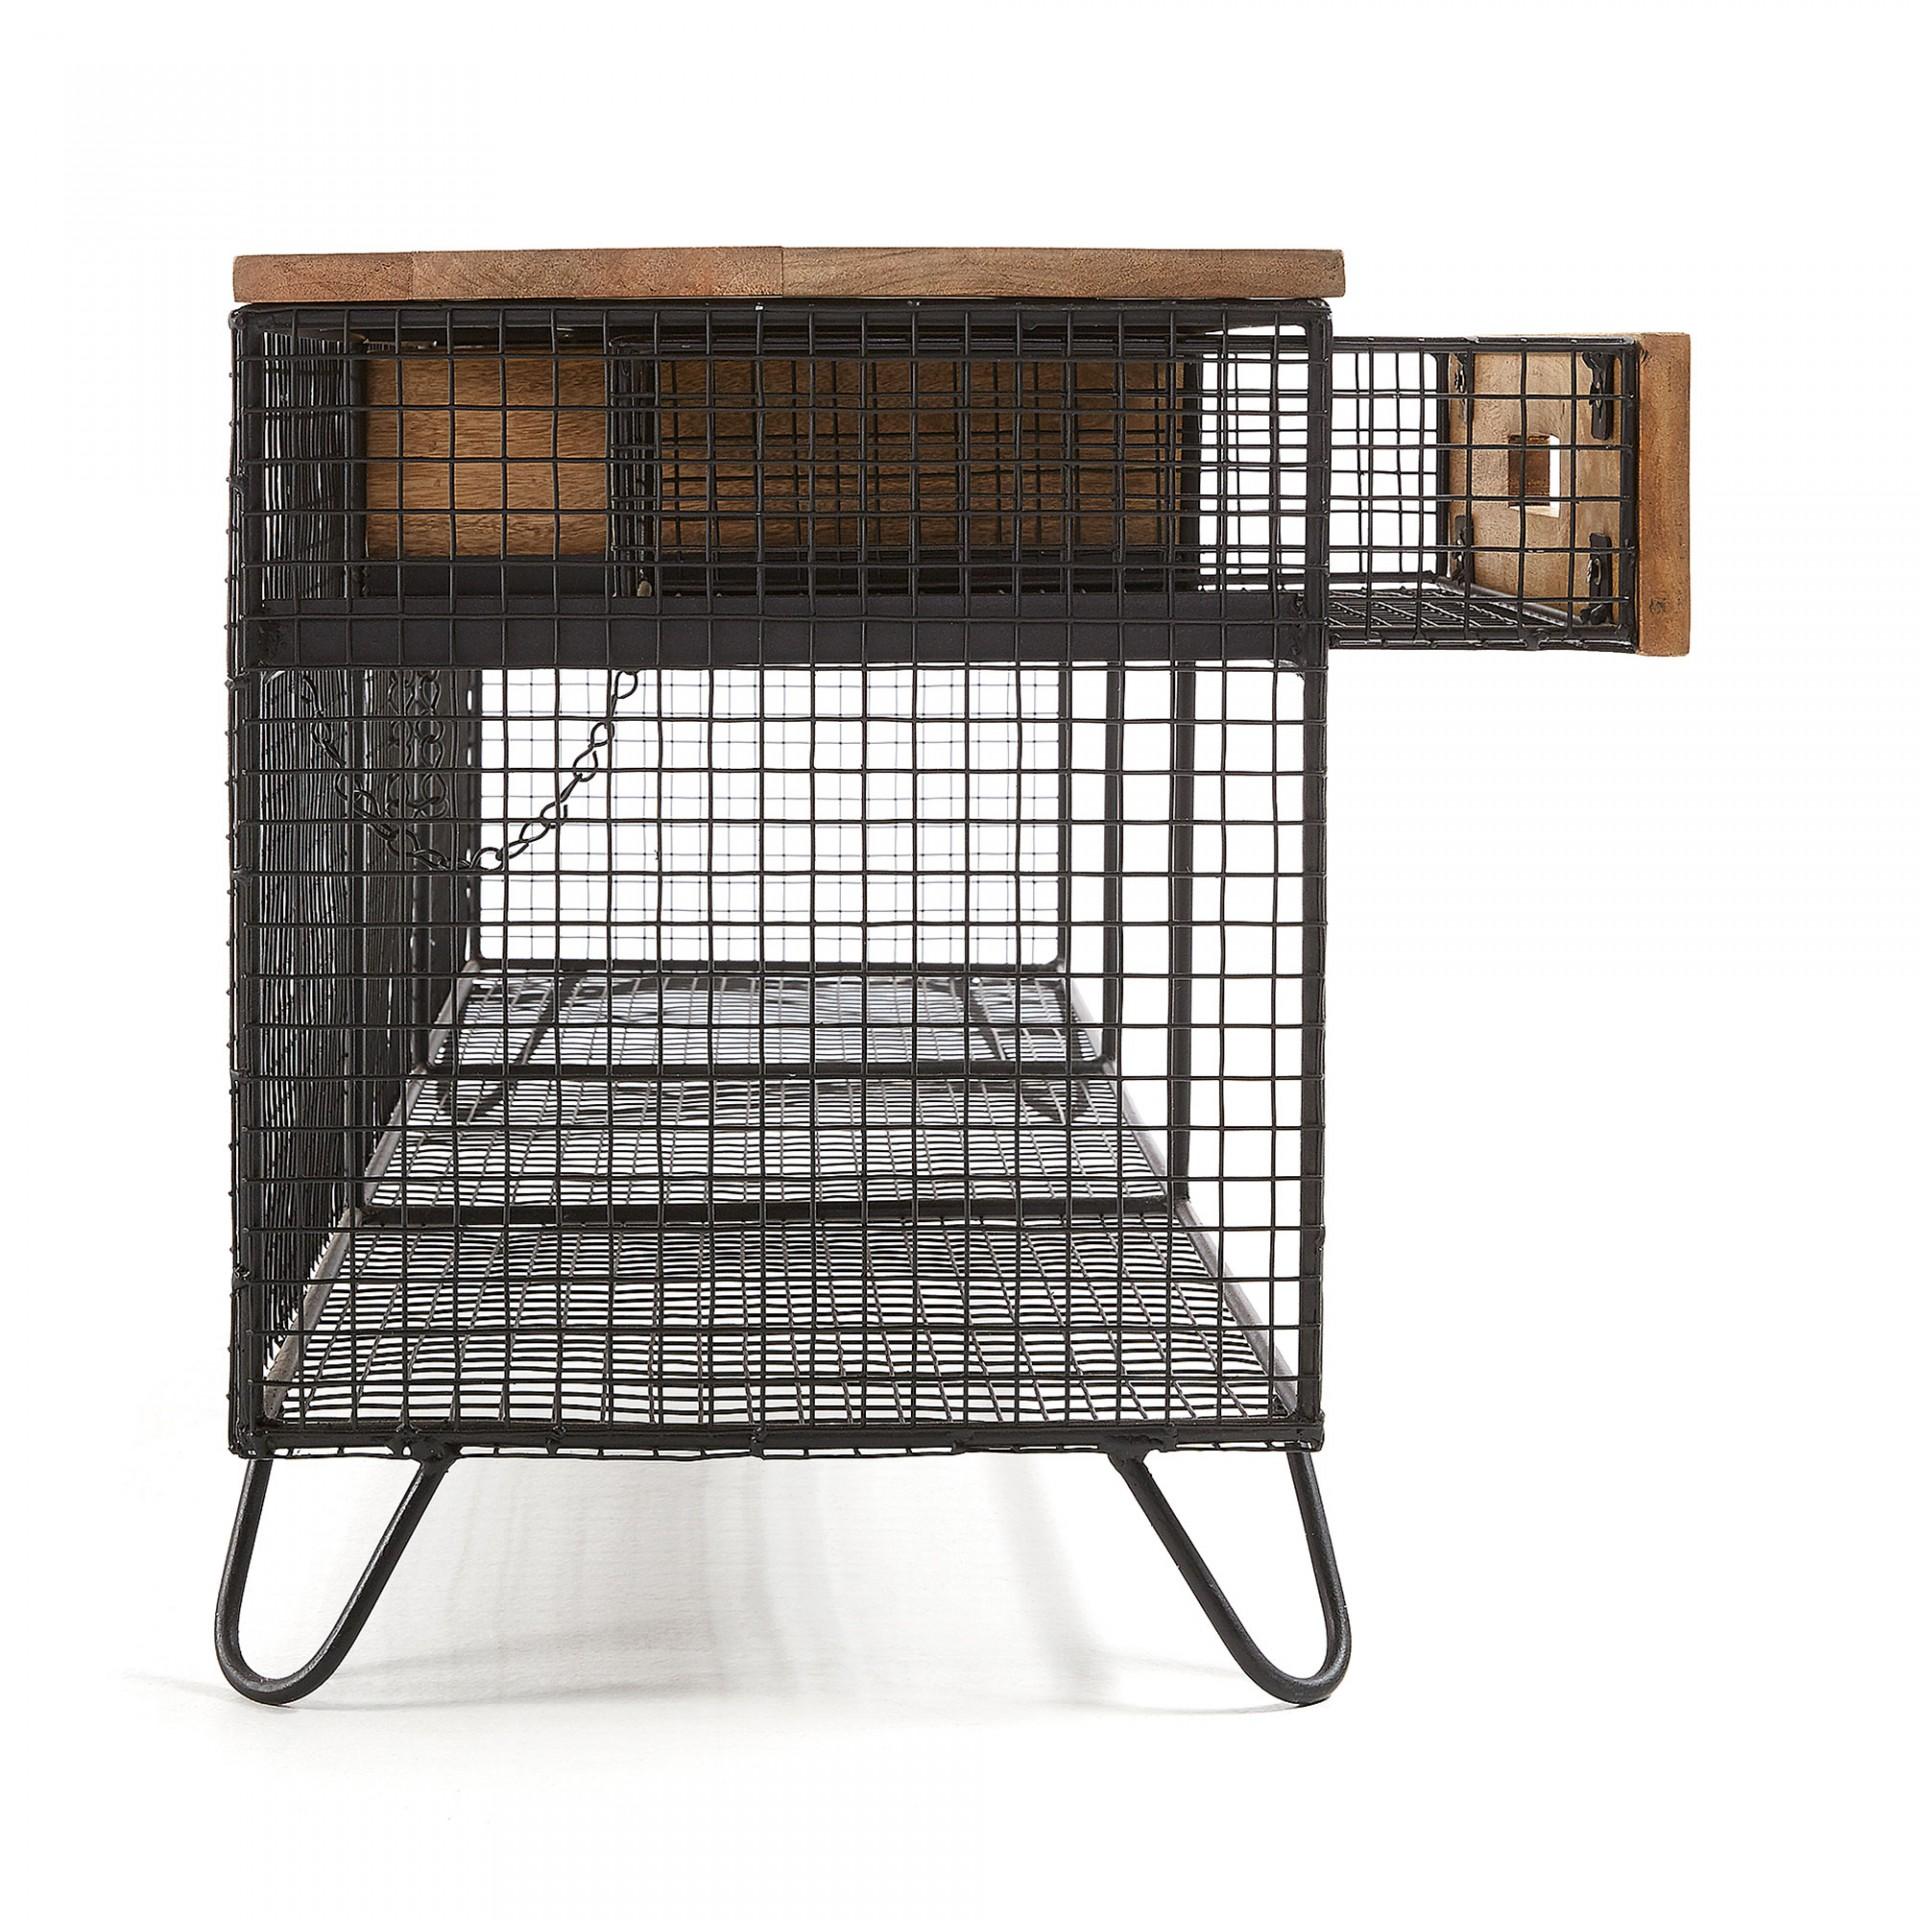 Móvel TV Ayda, madeira de manga/metal, 120x46